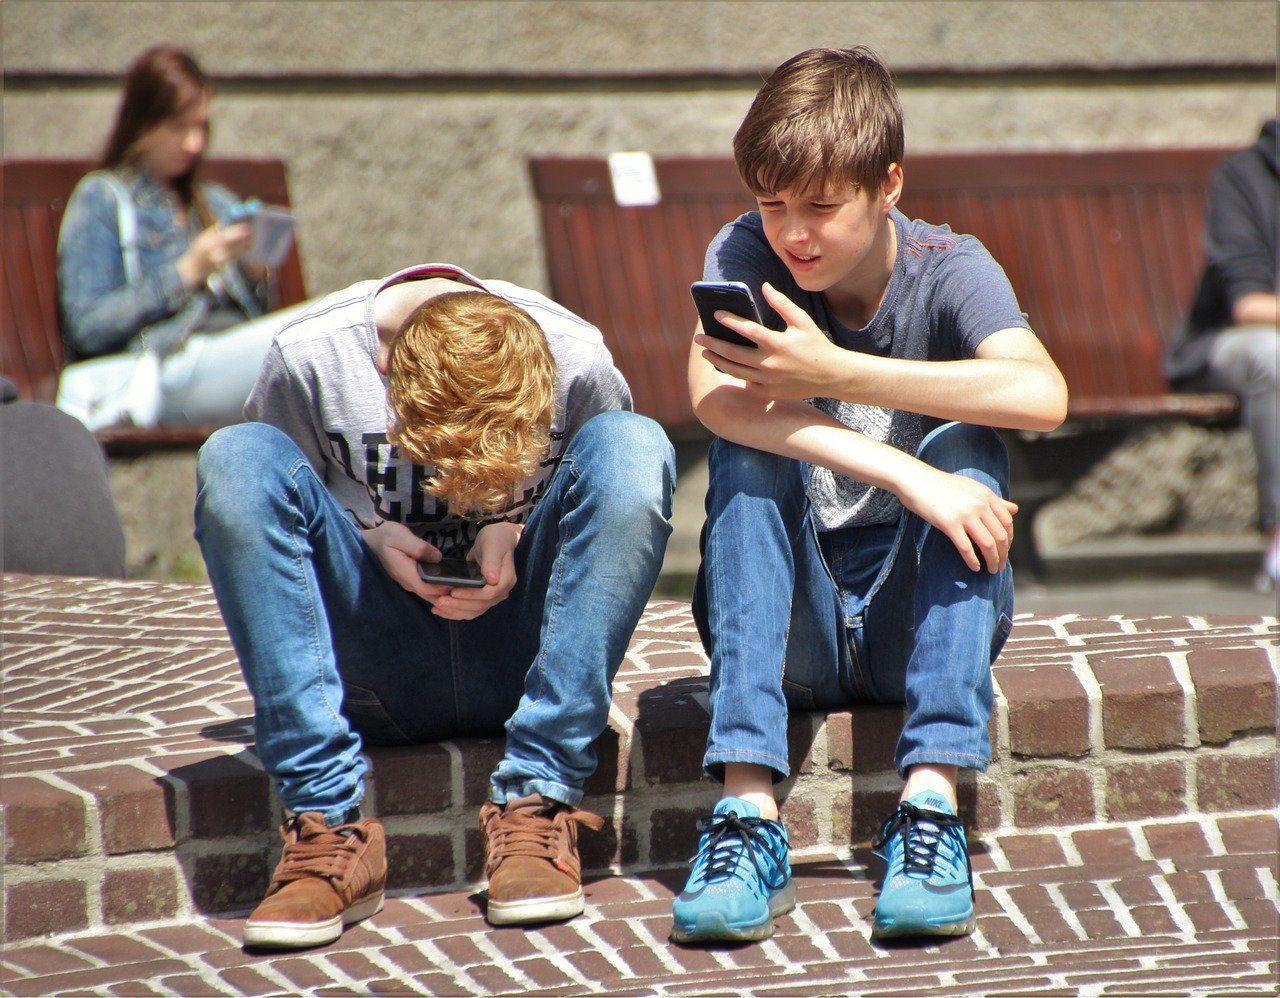 Jungen, Handy, Handy-Spiele, Kinder mit Smartphone